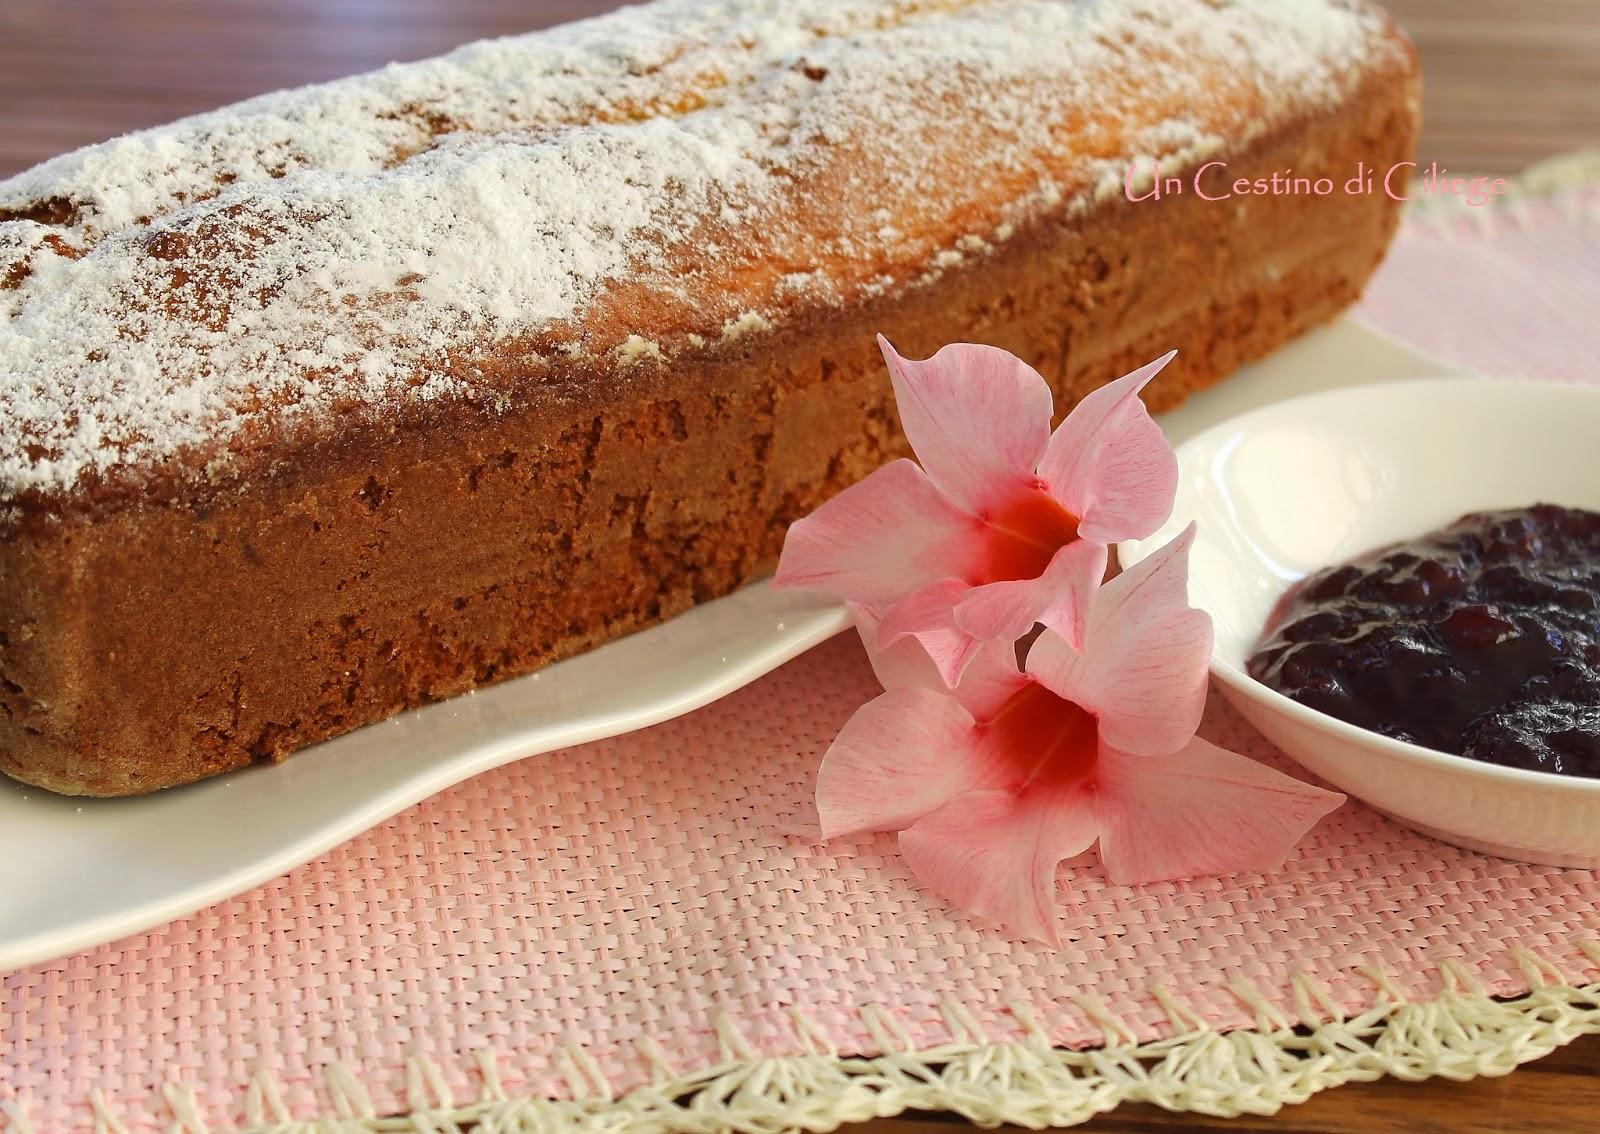 plumcake con confettura di ciliegie